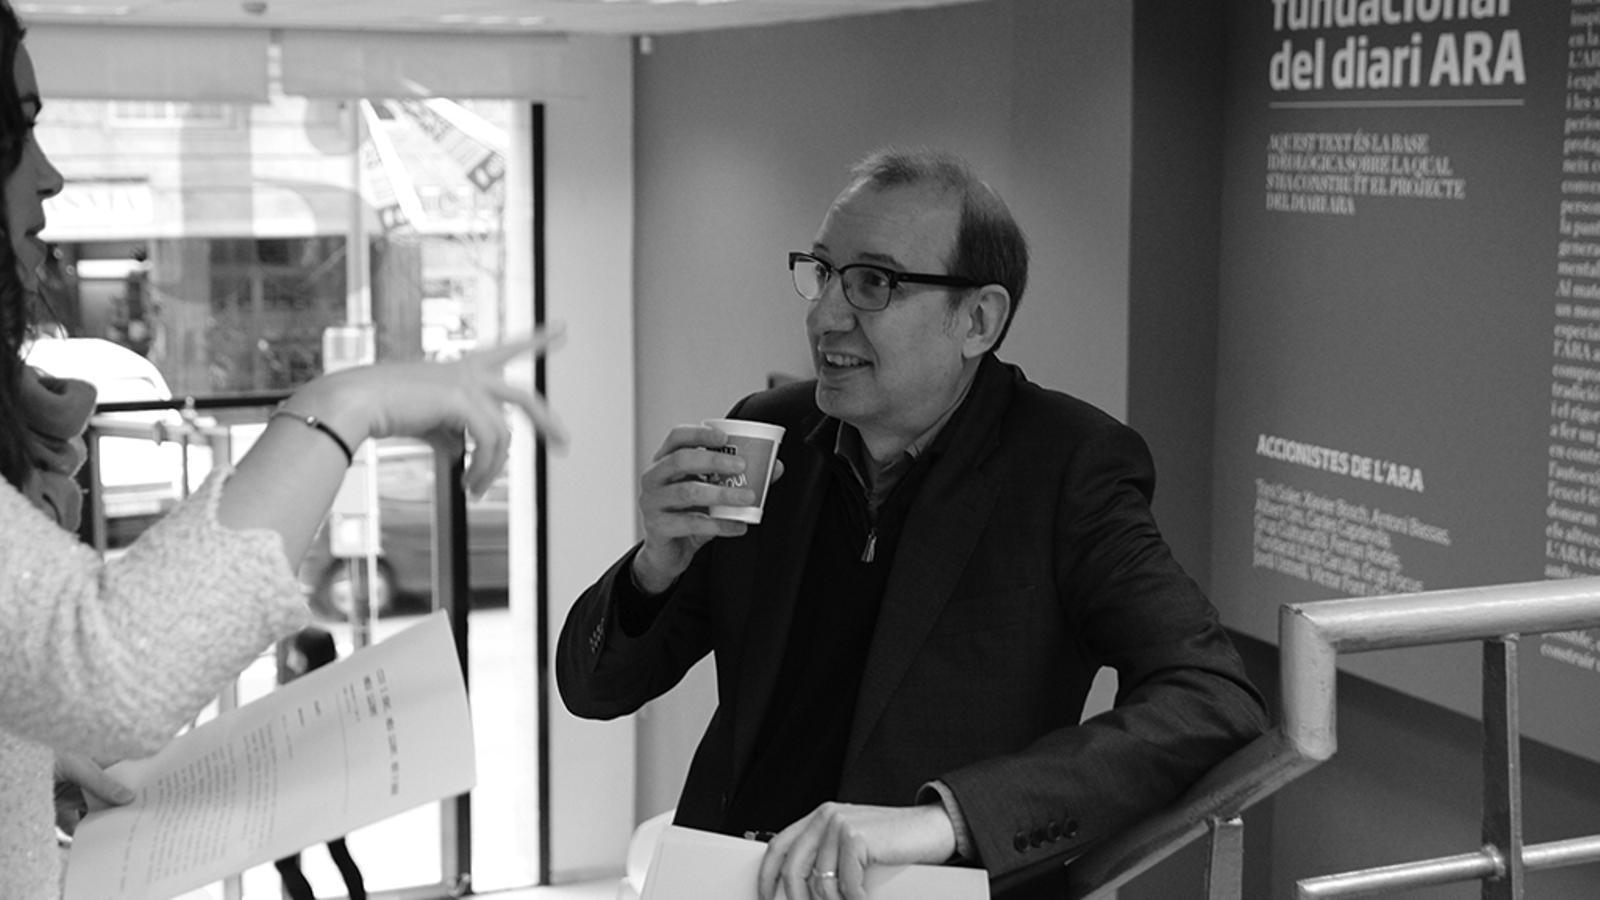 L'Editorial d'Antoni Bassas: 'CIU i ERC, més lluny, heu d'anar més lluny' (20/03/15)